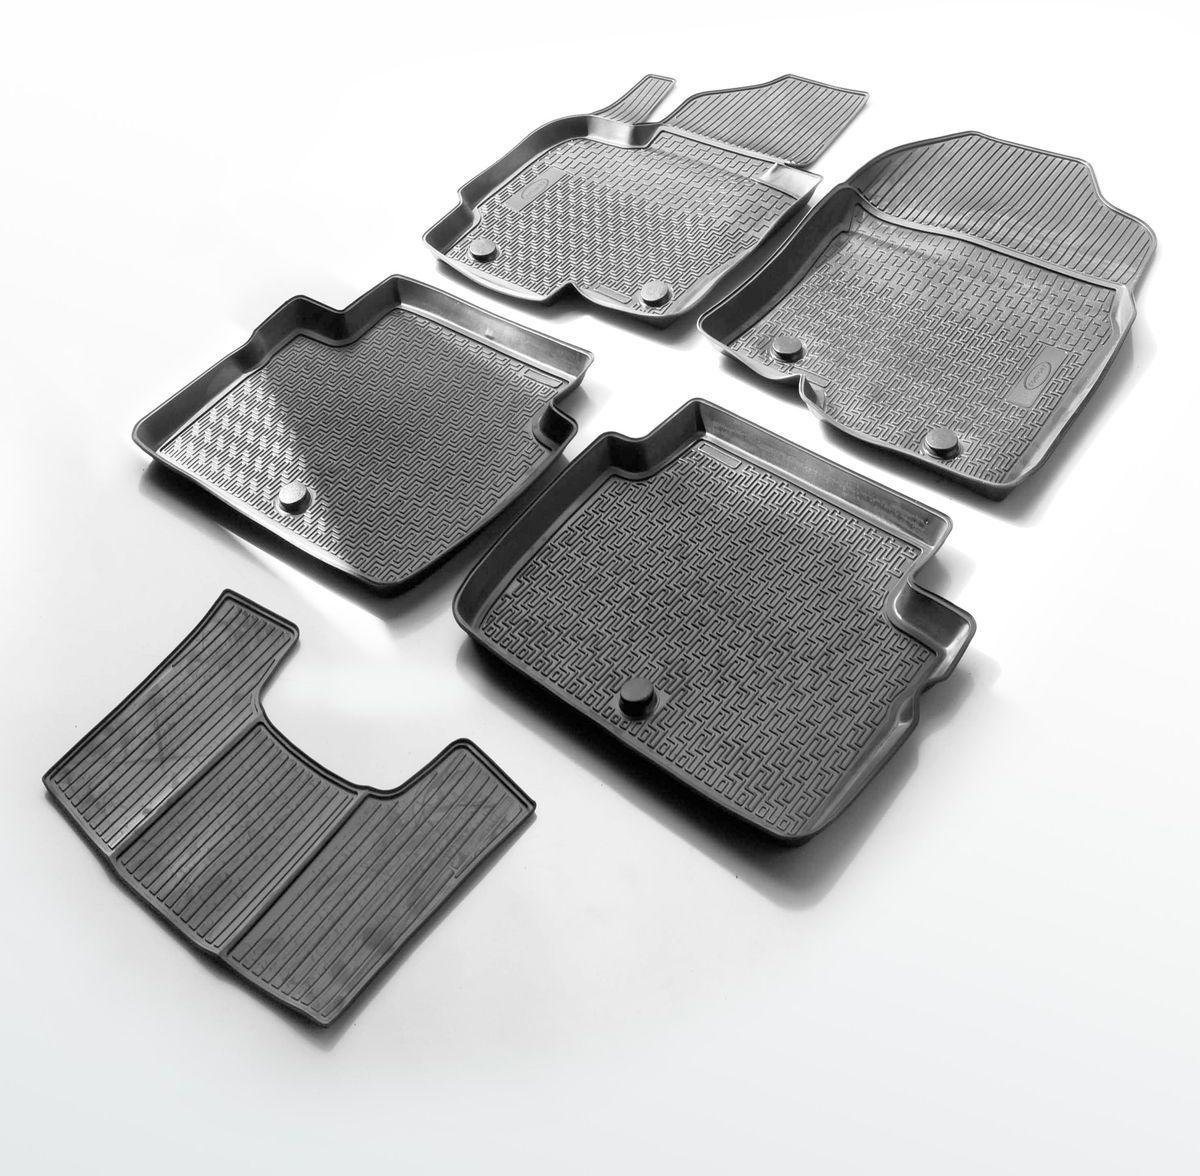 Ковры салона Rival для Nissan Qashqai 2014-2015, 4 шт + перемычка0014105001Автомобильные ковры салона Rival Прочные и долговечные ковры в салон автомобиля, изготовлены из высококачественного и экологичного сырья, полностью повторяют геометрию салона вашего автомобиля. - Надежная система крепления, позволяющая закрепить коврик на штатные элементы фиксации, в результате чего отсутствует эффект скольжения по салону автомобиля. - Высокая стойкость поверхности к стиранию. - Специализированный рисунок и высокий борт, препятствующие распространению грязи и жидкости по поверхности ковра. - Перемычка задних ковров в комплекте предотвращает загрязнение тоннеля карданного вала. - Произведены из первичных материалов, в результате чего отсутствует неприятный запах в салоне автомобиля. - Высокая эластичность, можно беспрепятственно эксплуатировать при температуре от -45 ?C до +45 ?C.